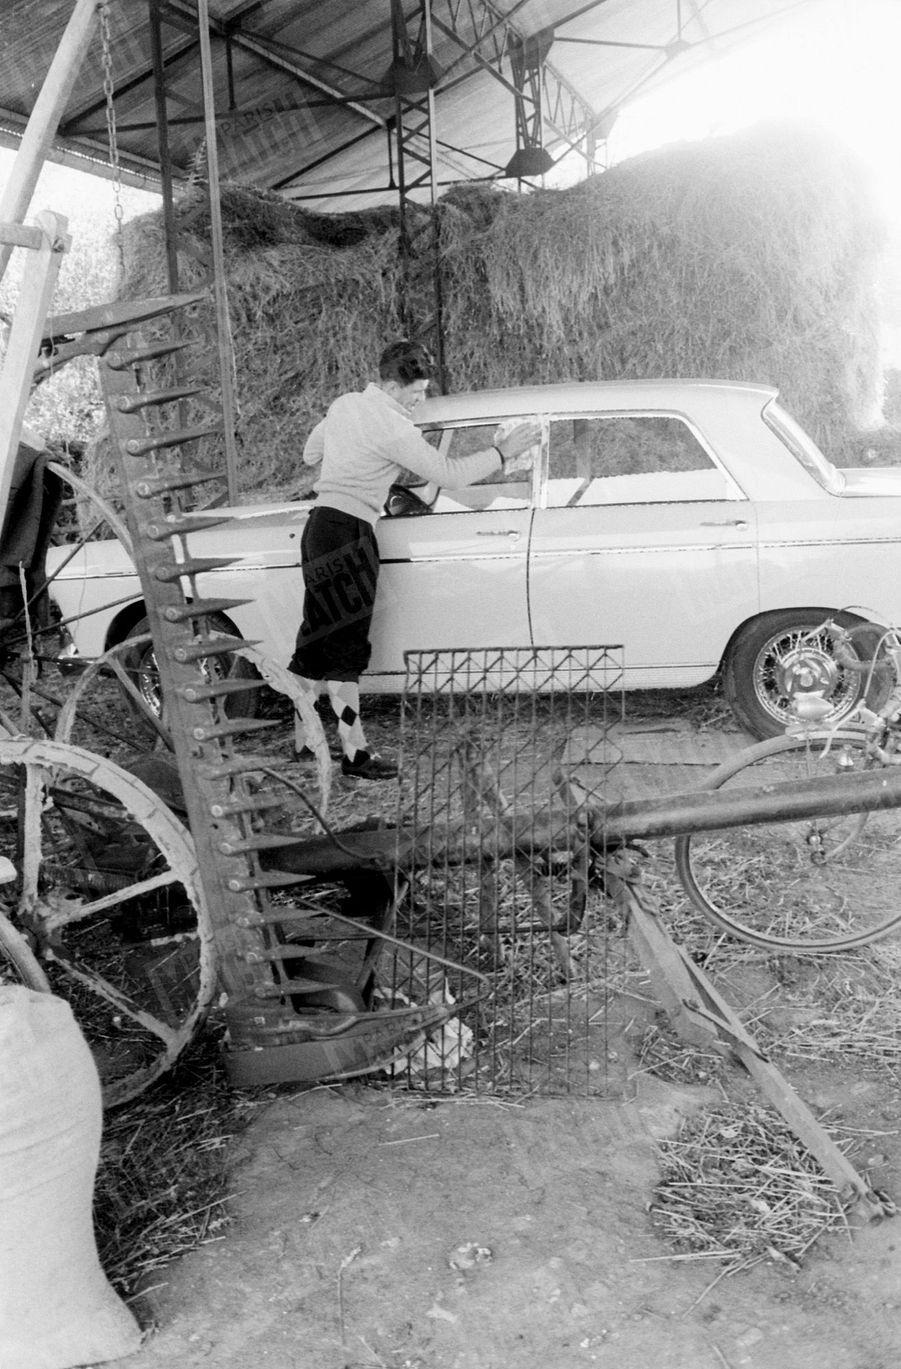 Raymond Poulidor entretient sa voiture Peugeot 404, dans la grange de la ferme de ses parents à Saint-Léonard-de-Noblat, dans le Limousin, en mars 1961